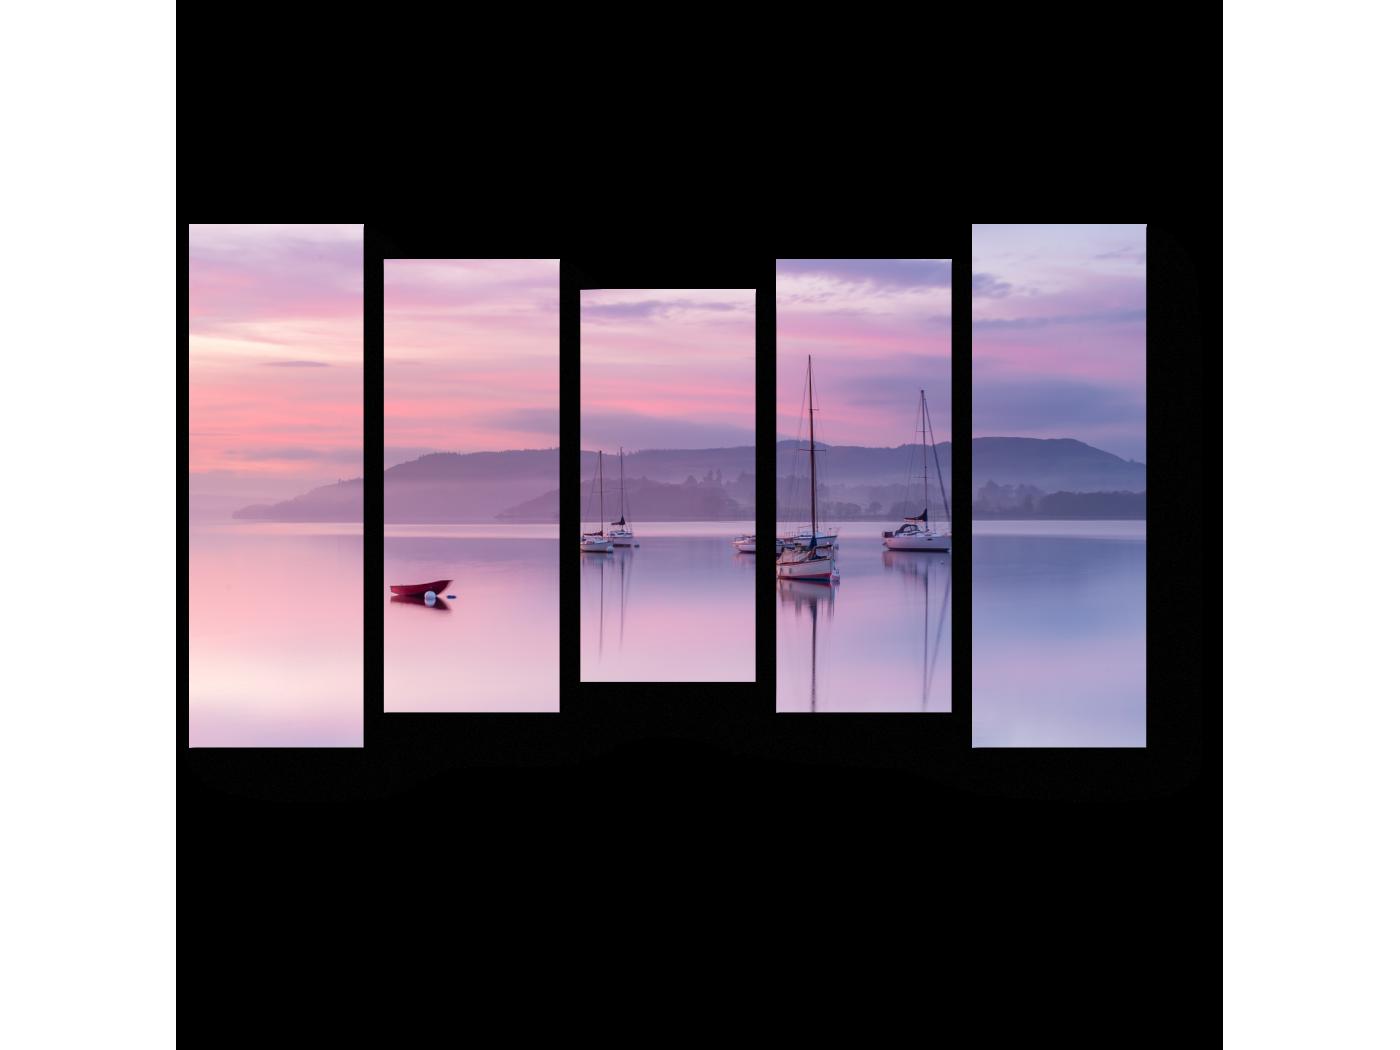 Модульная картина Пастельный закат (90x54) фото